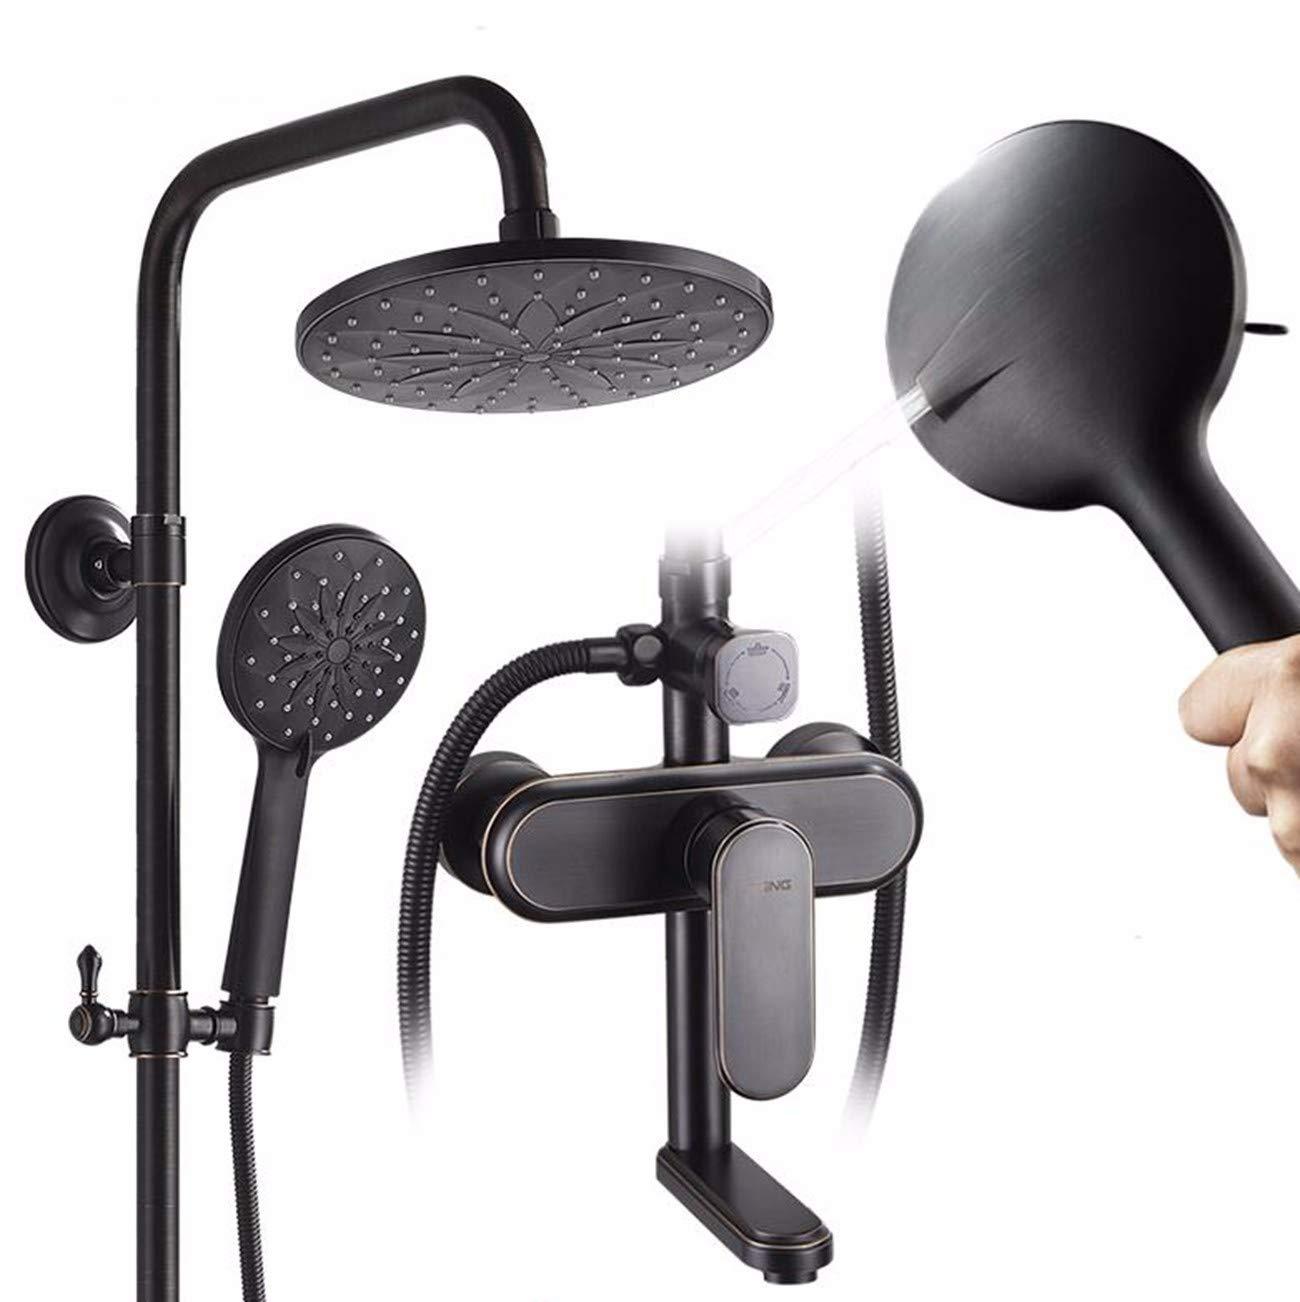 ZPSPZ-Duschsysteme Badezimmer Dusche Wasserhahn Set Dusche Der Kupfer - Dusche Schwarze Antiken Bad Bad